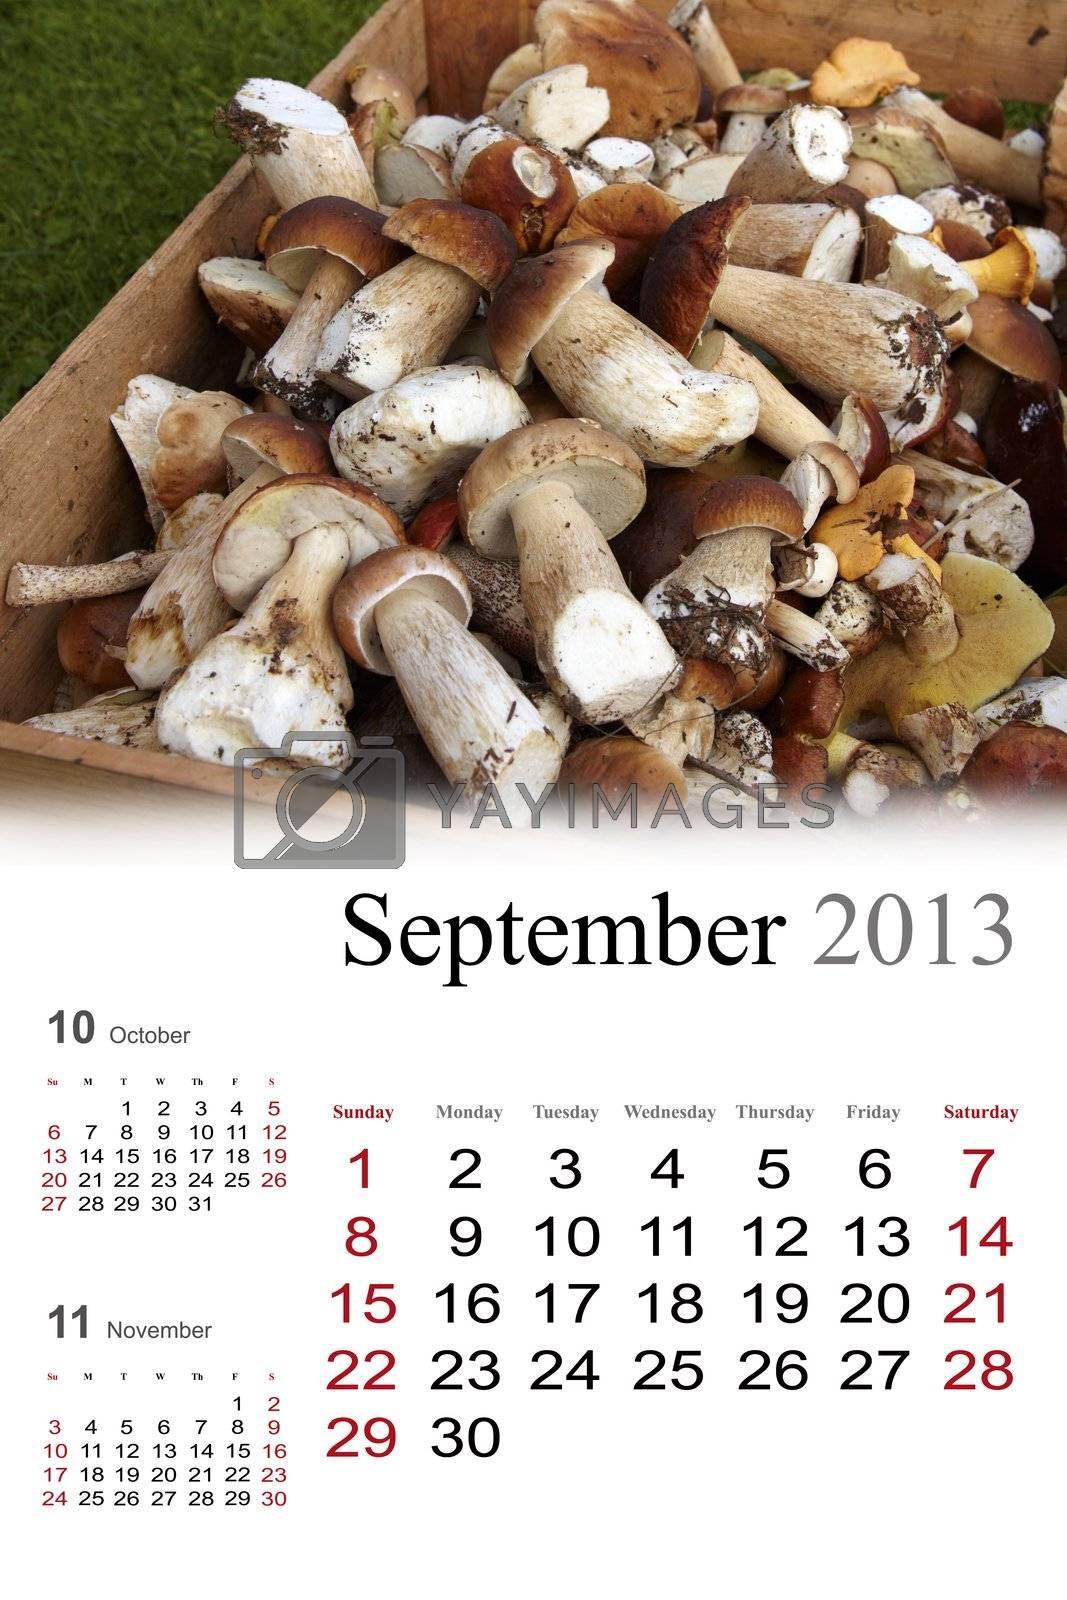 2013 Calendar. September by Nikonas